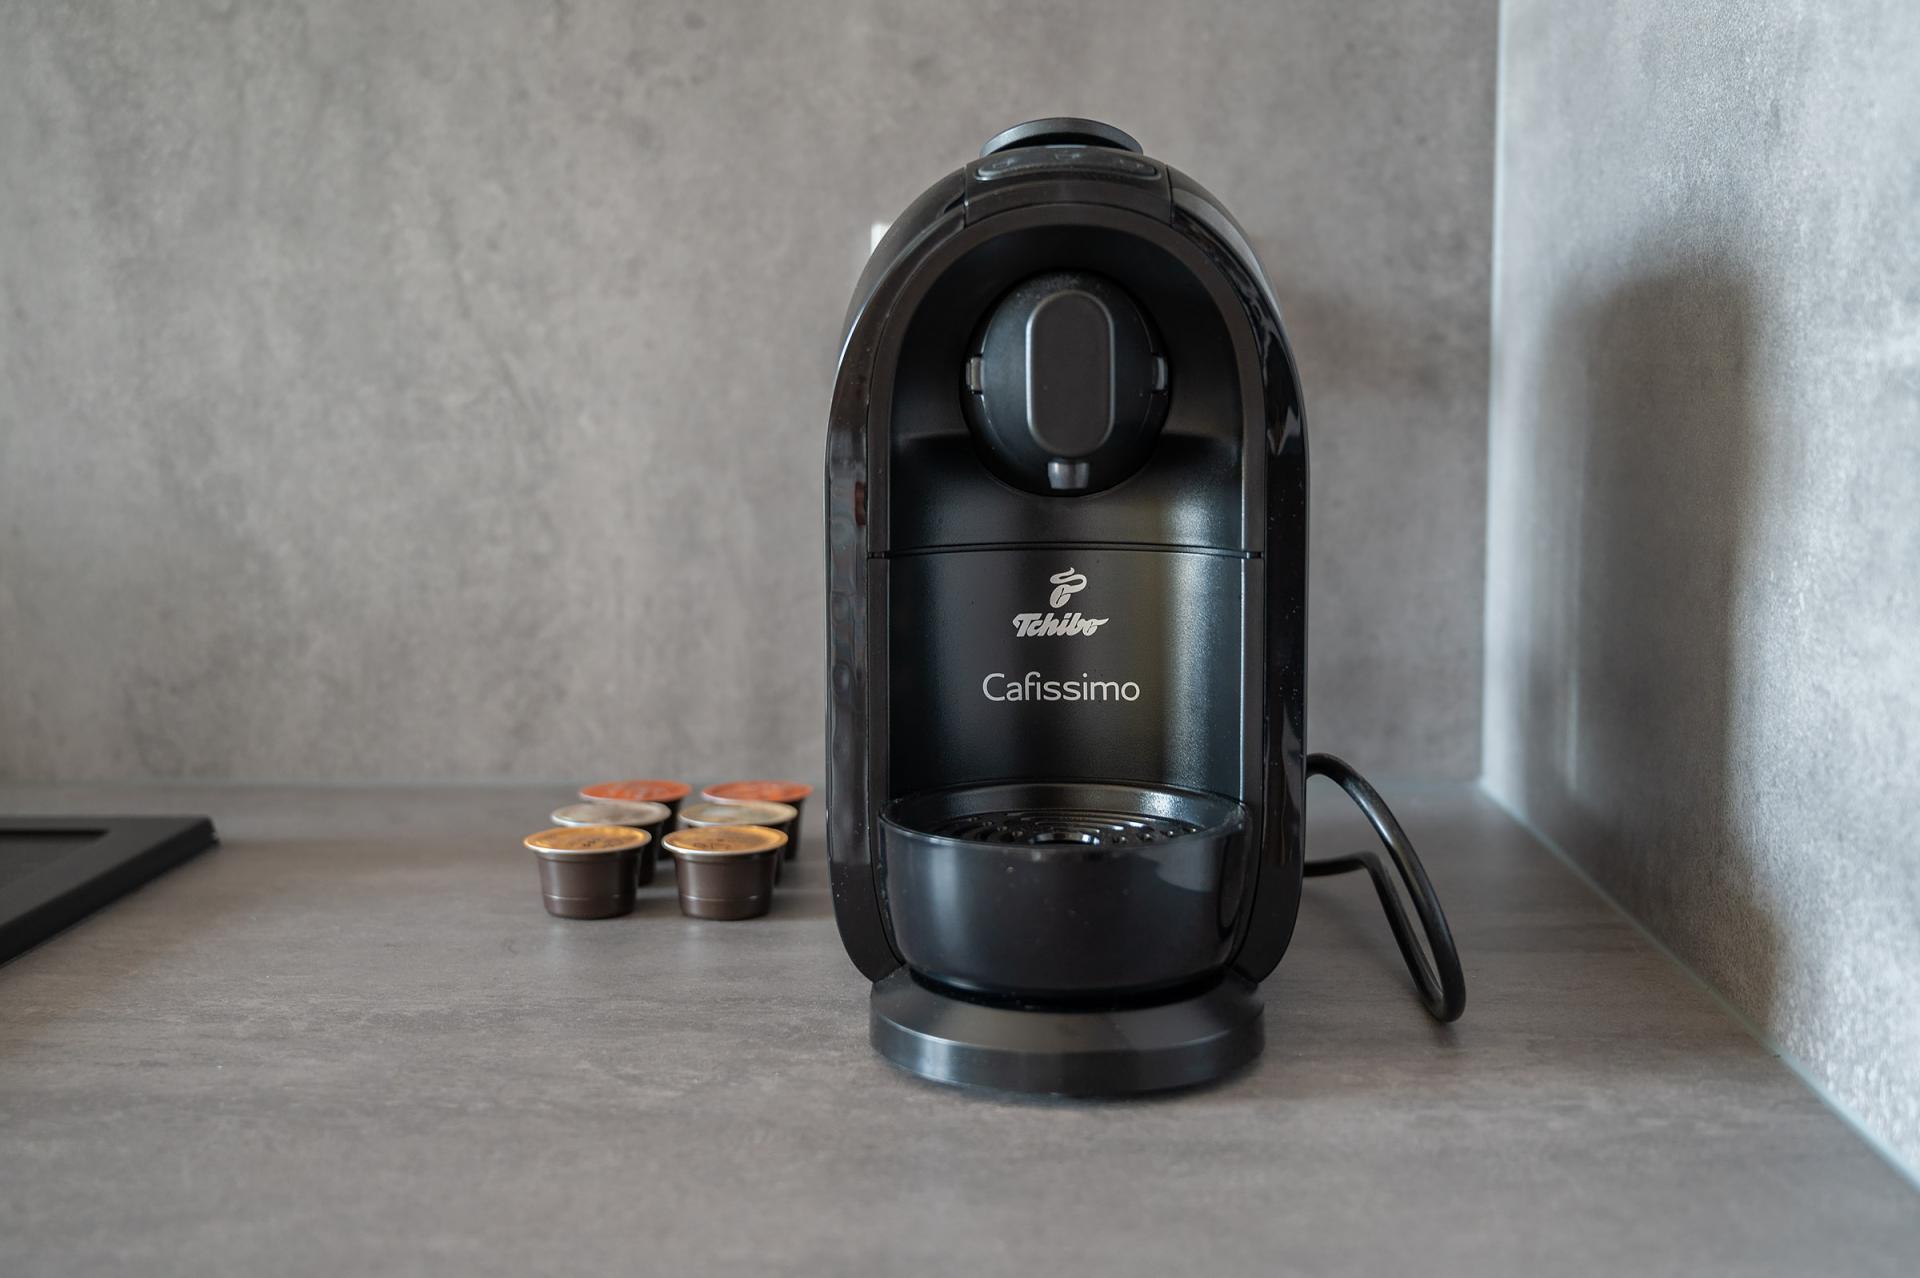 Coffee machine at Cybernetyki Apartments, Sluzewiec, Warsaw